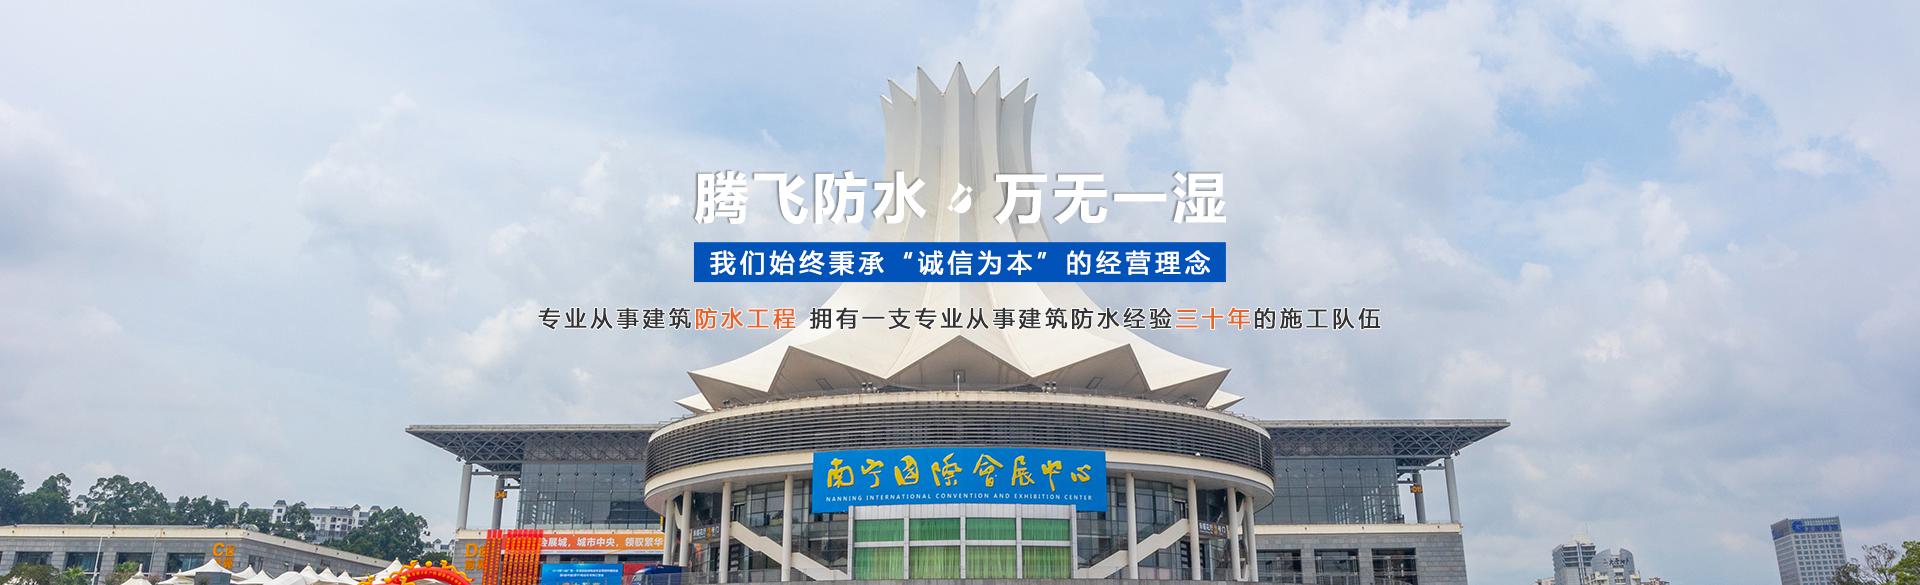 http://www.gxtengfei.cn/data/upload/202005/20200521162126_636.jpg